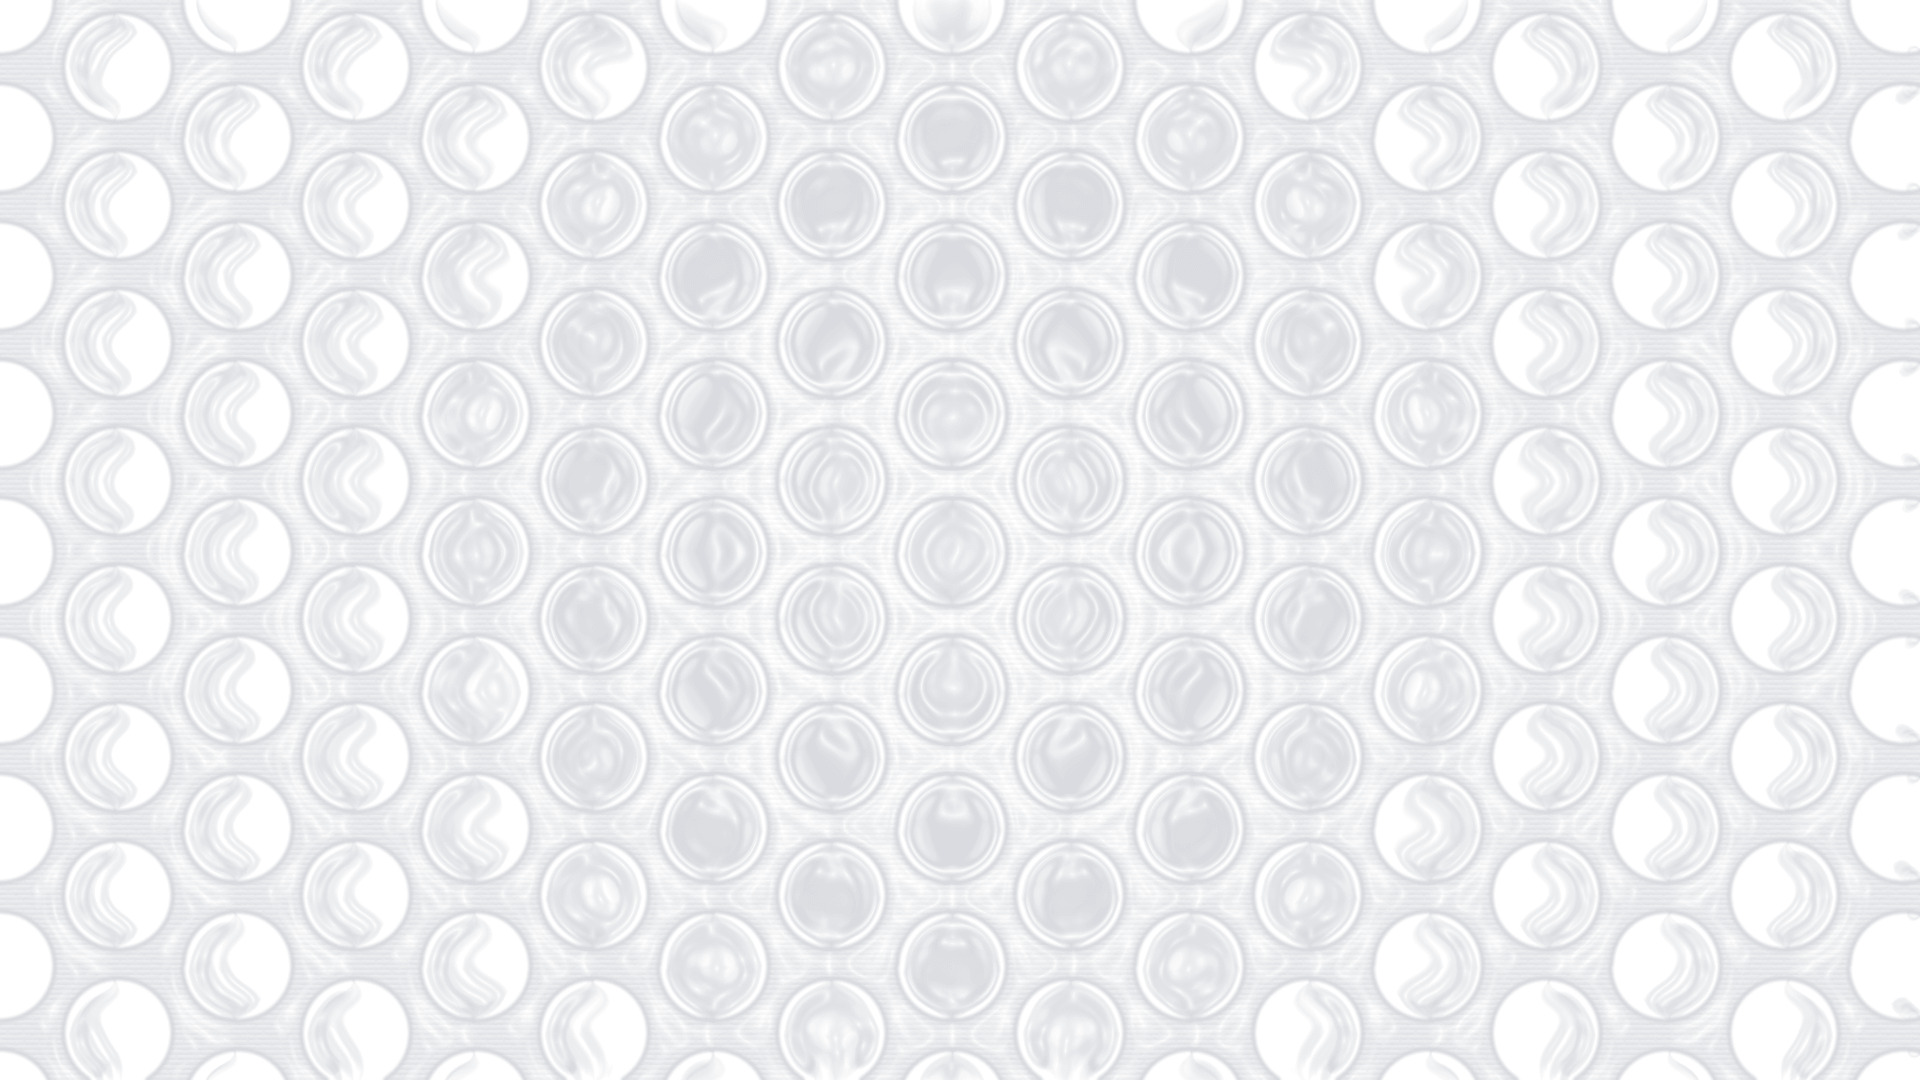 エアキャップ 壁紙背景画像2